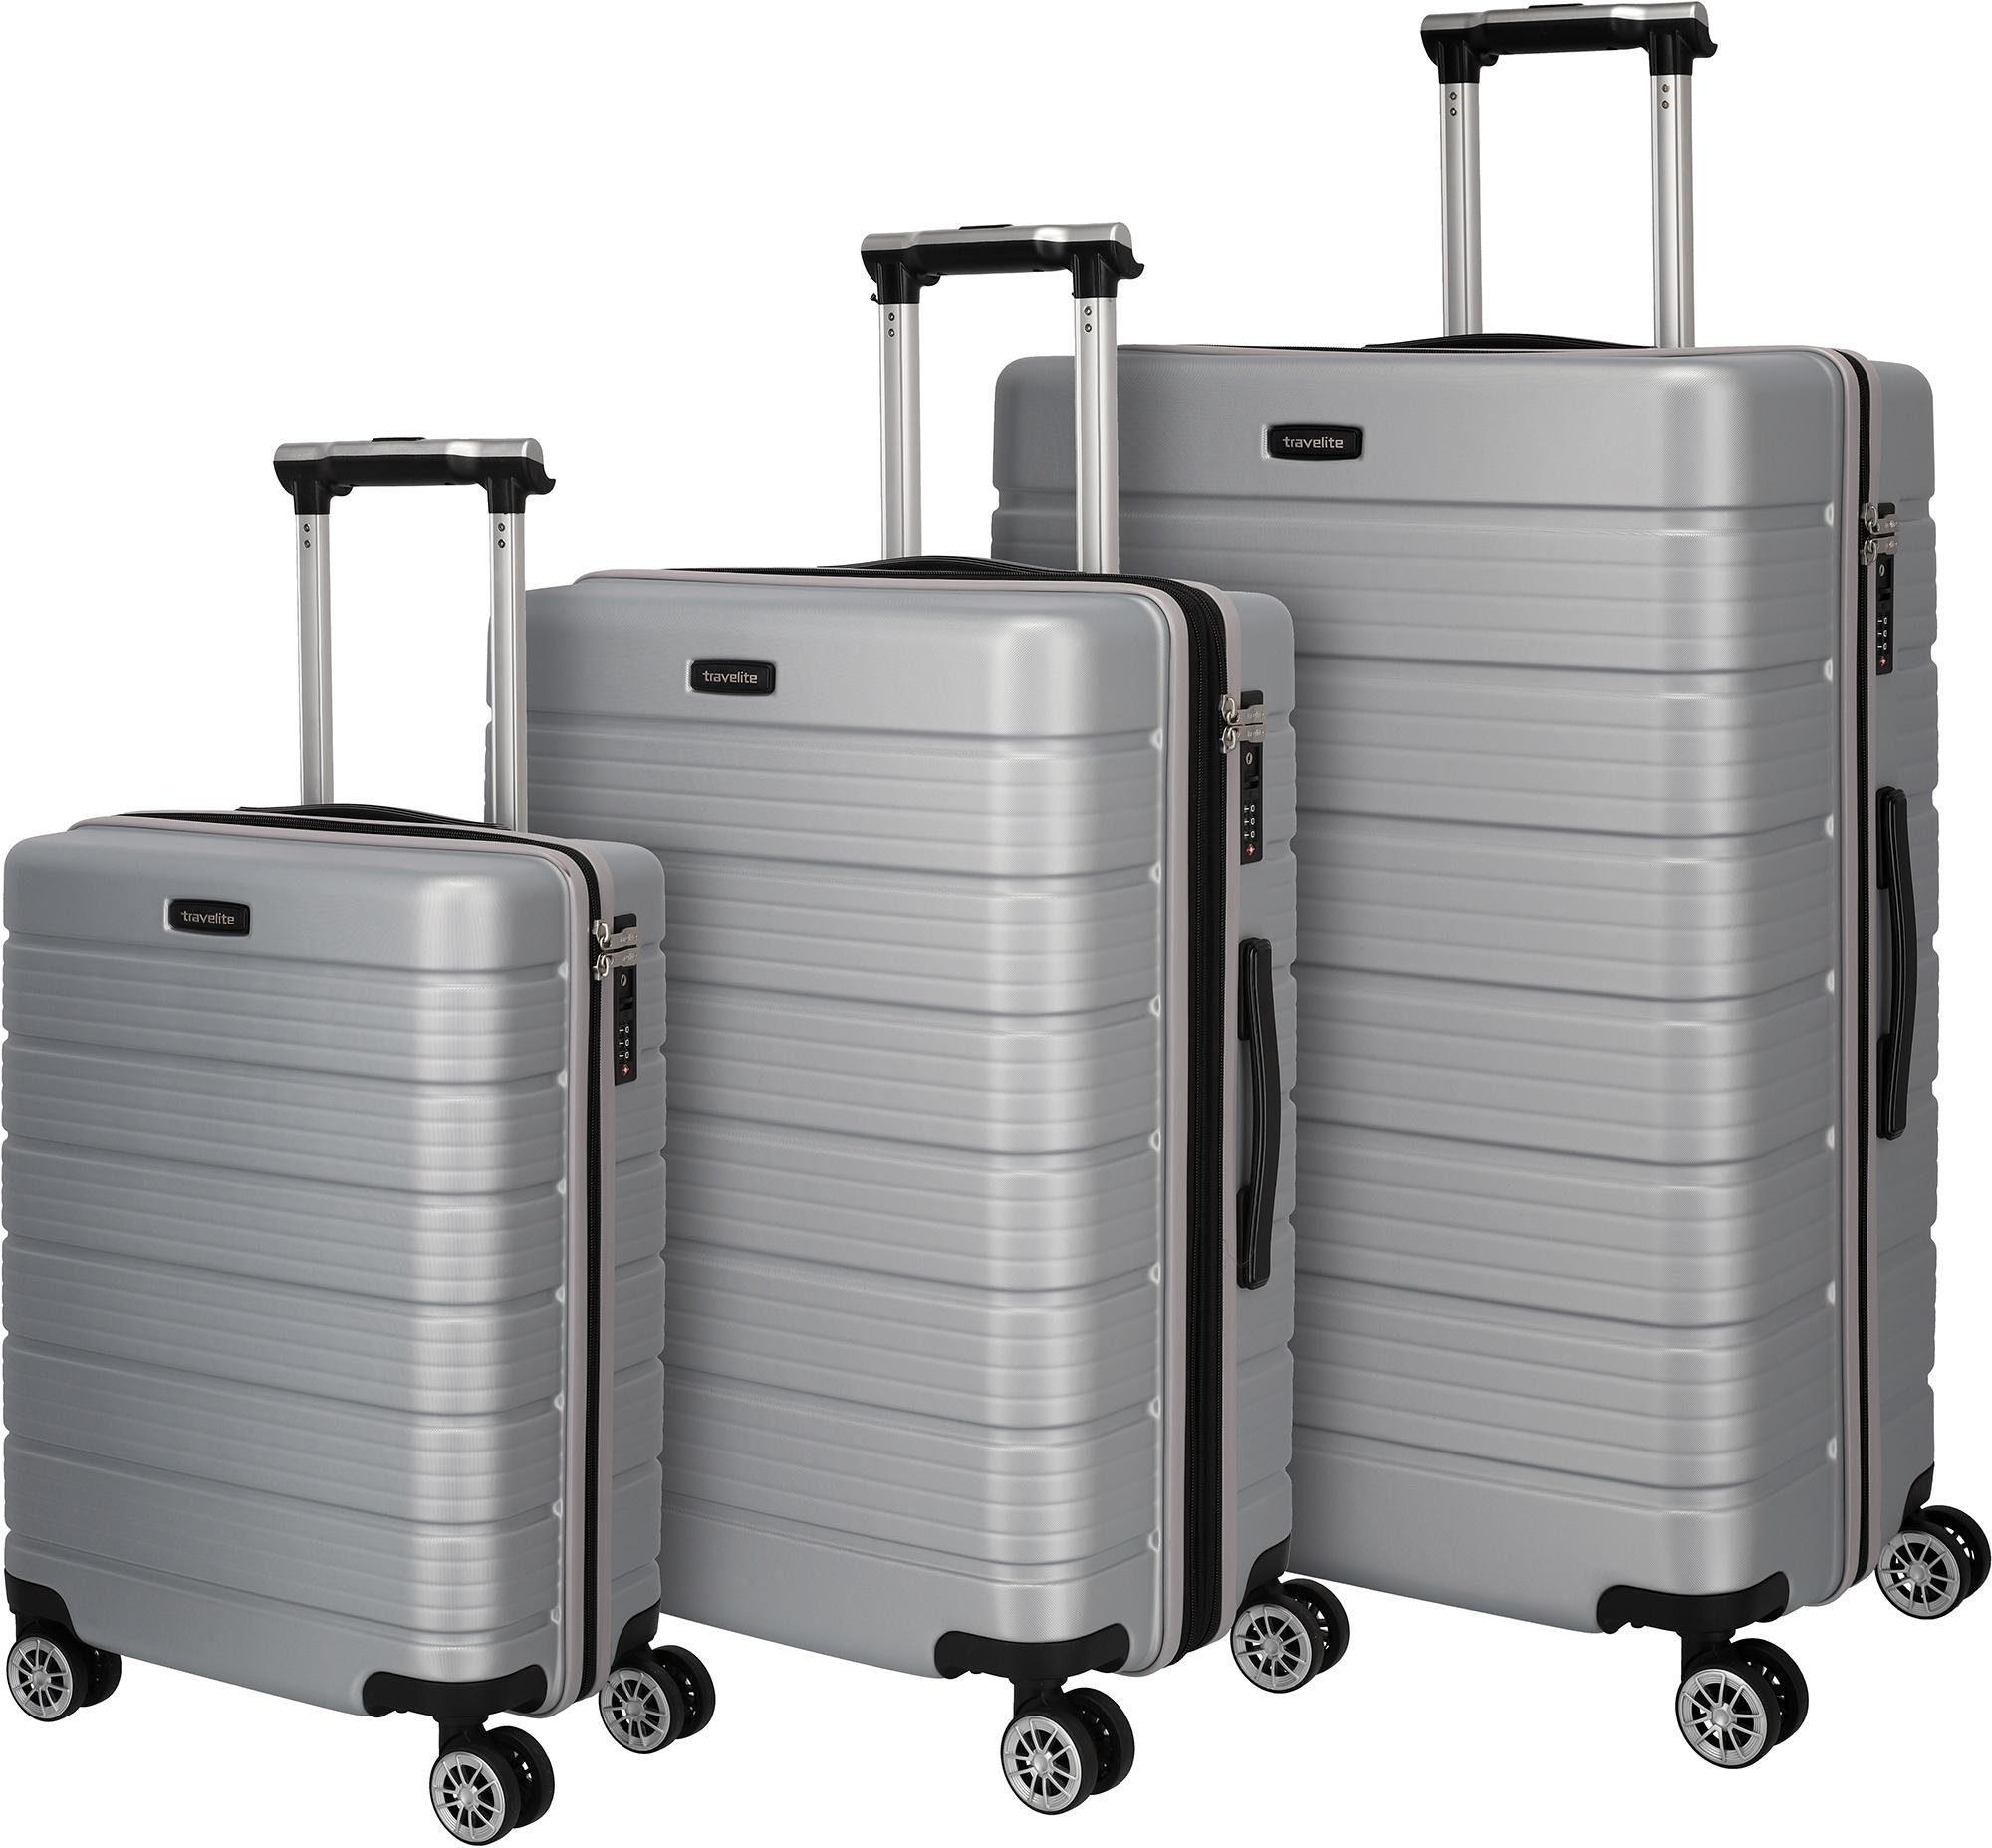 Business Online Travelite Set 4 Rollen3 Hartschalentrolley Mit tlg»soho« Kaufen 5A43RjL